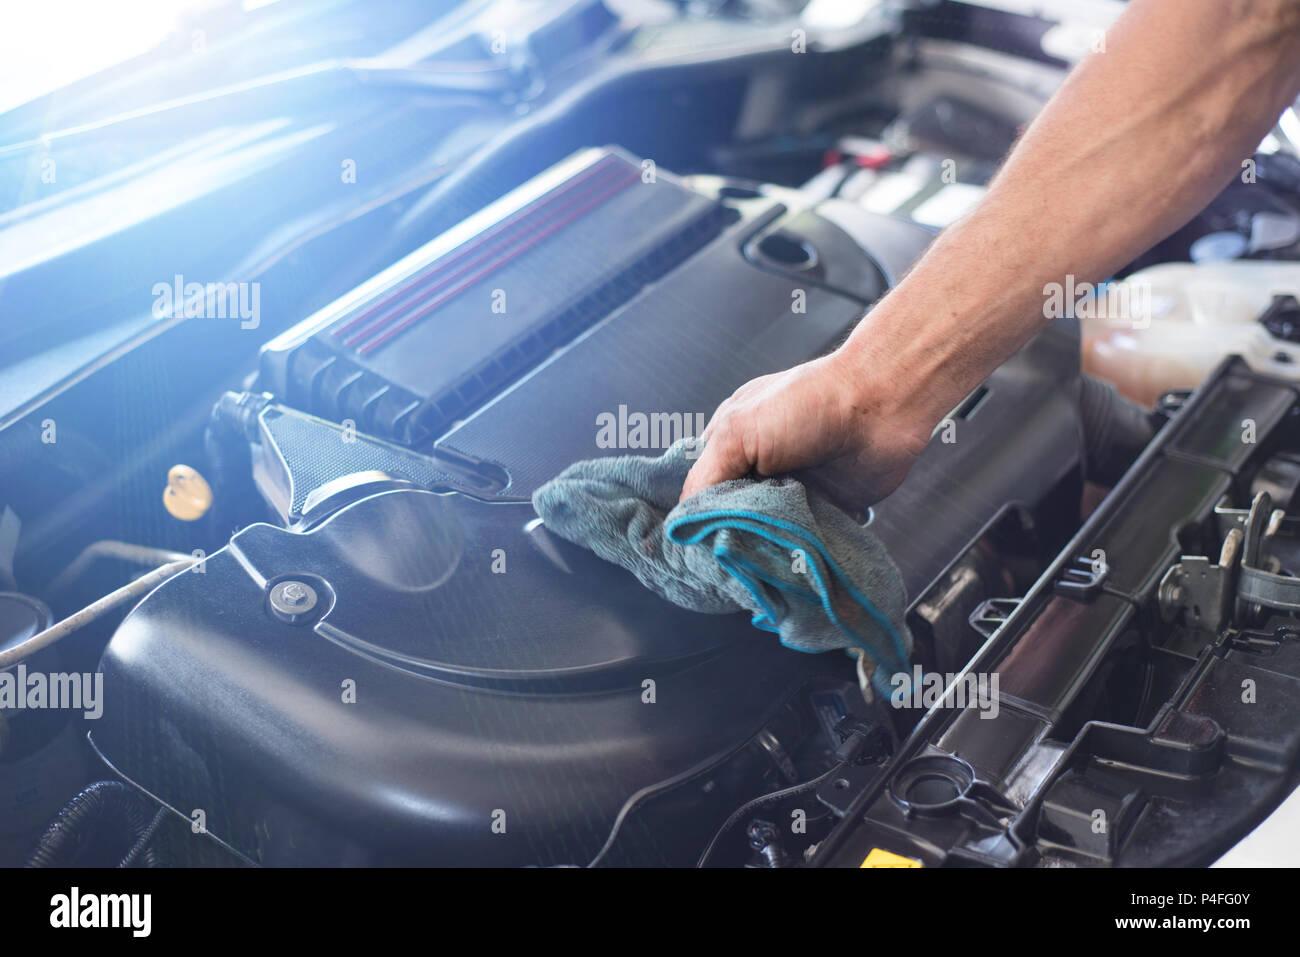 La pulizia meccanica auto motore Immagini Stock